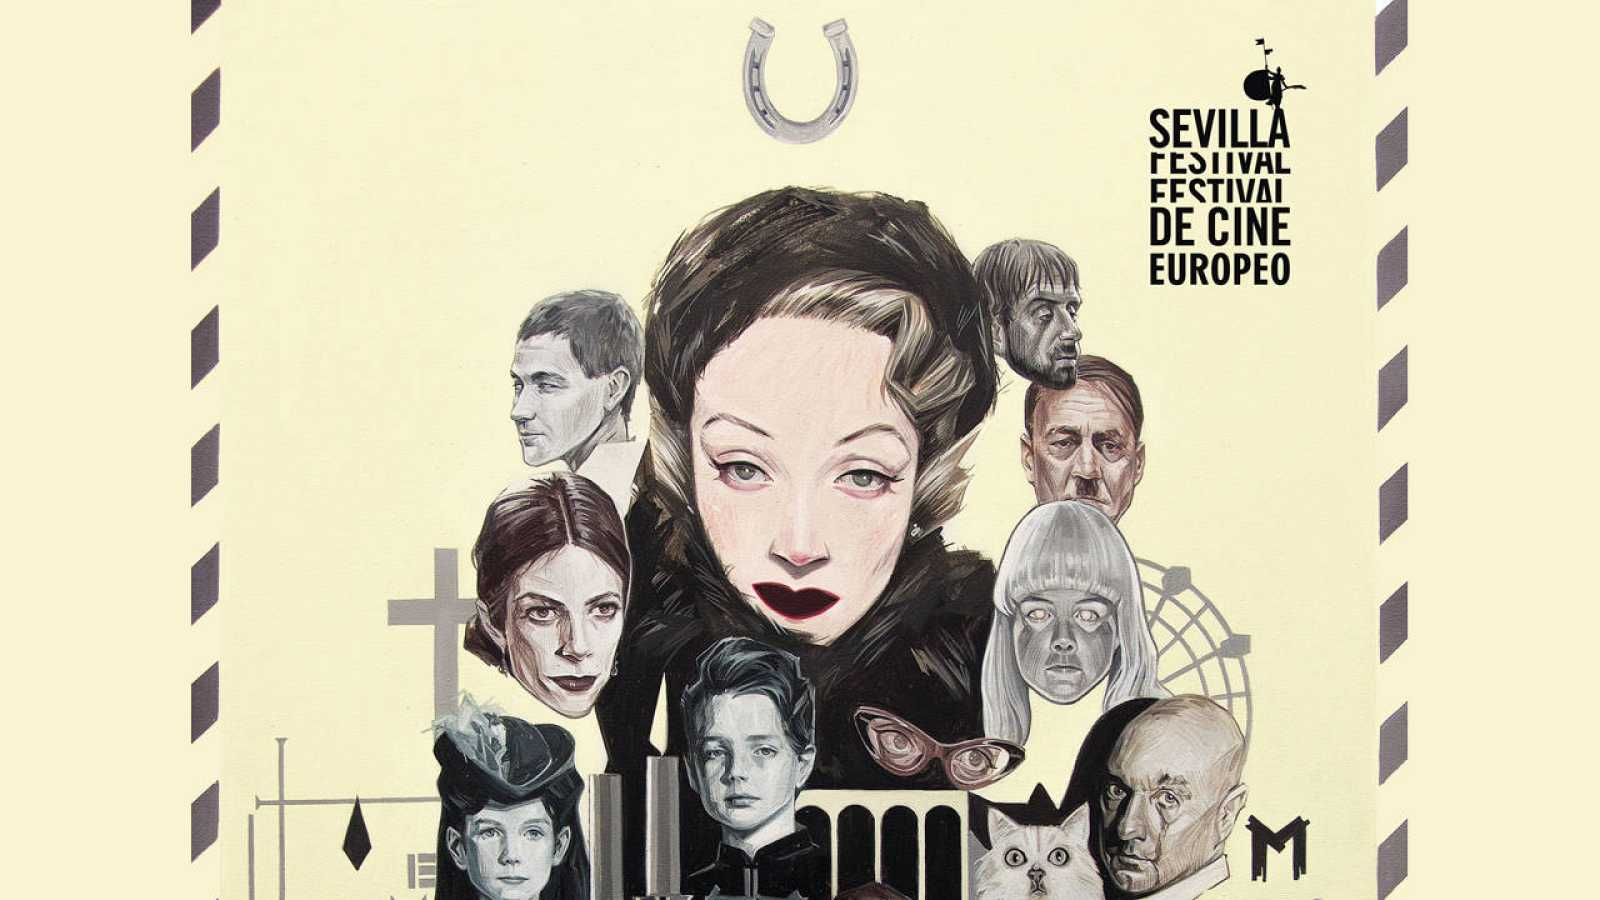 XIII Festival de Cine Europeo de Sevilla